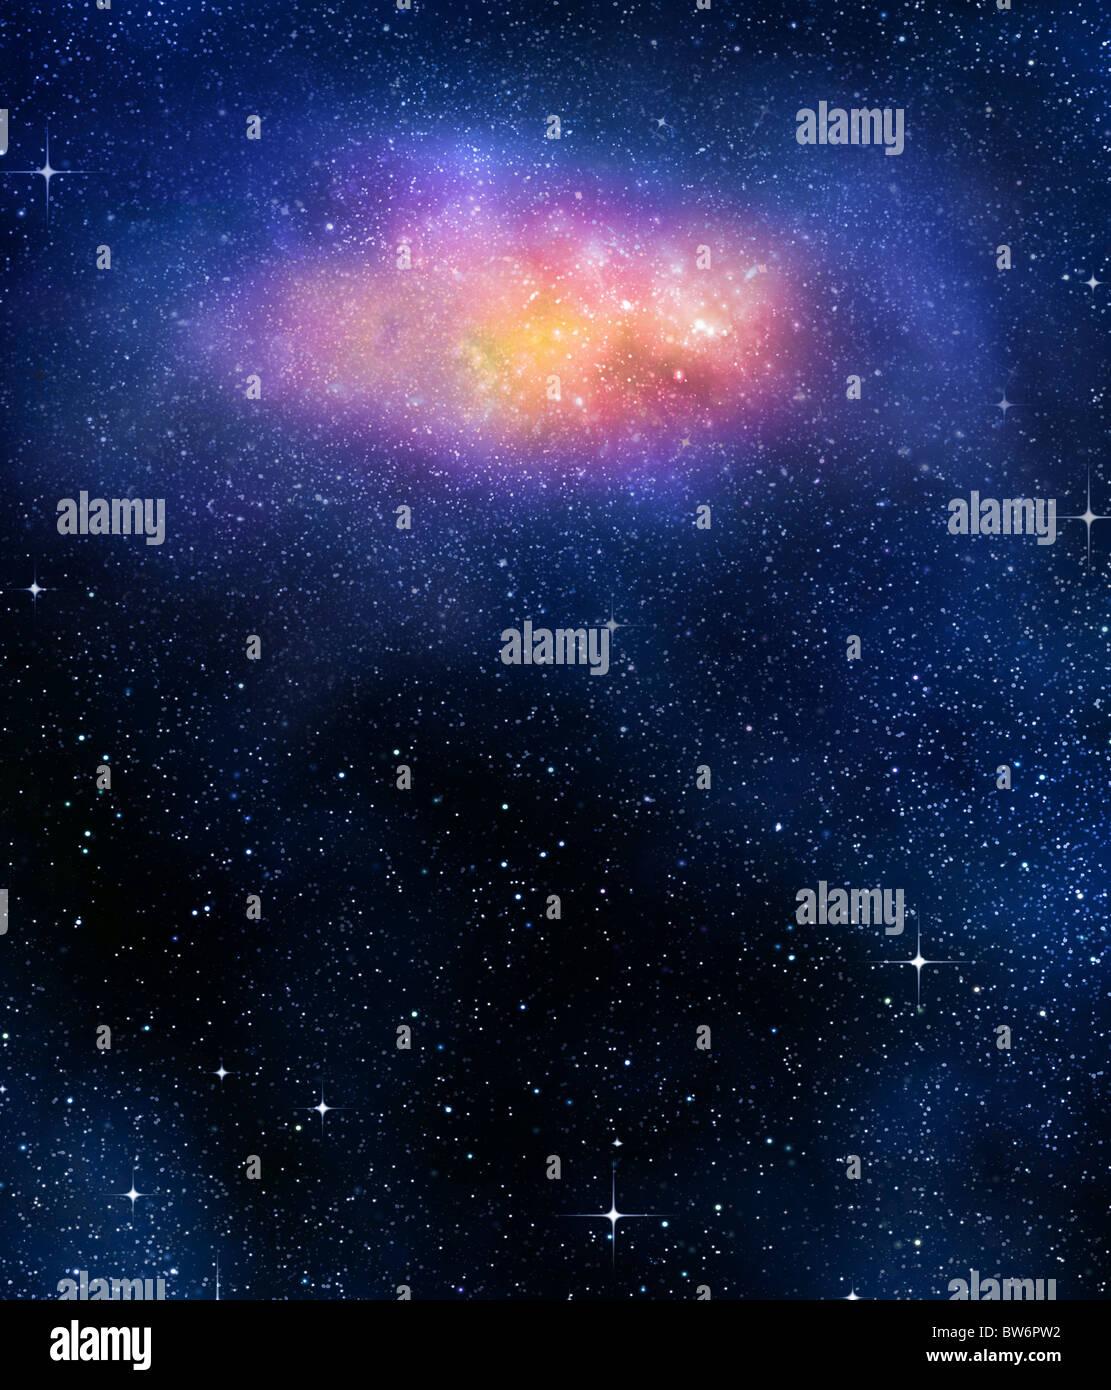 Fond étoilé d'étoiles et des nébuleuses dans l'espace profond Photo Stock